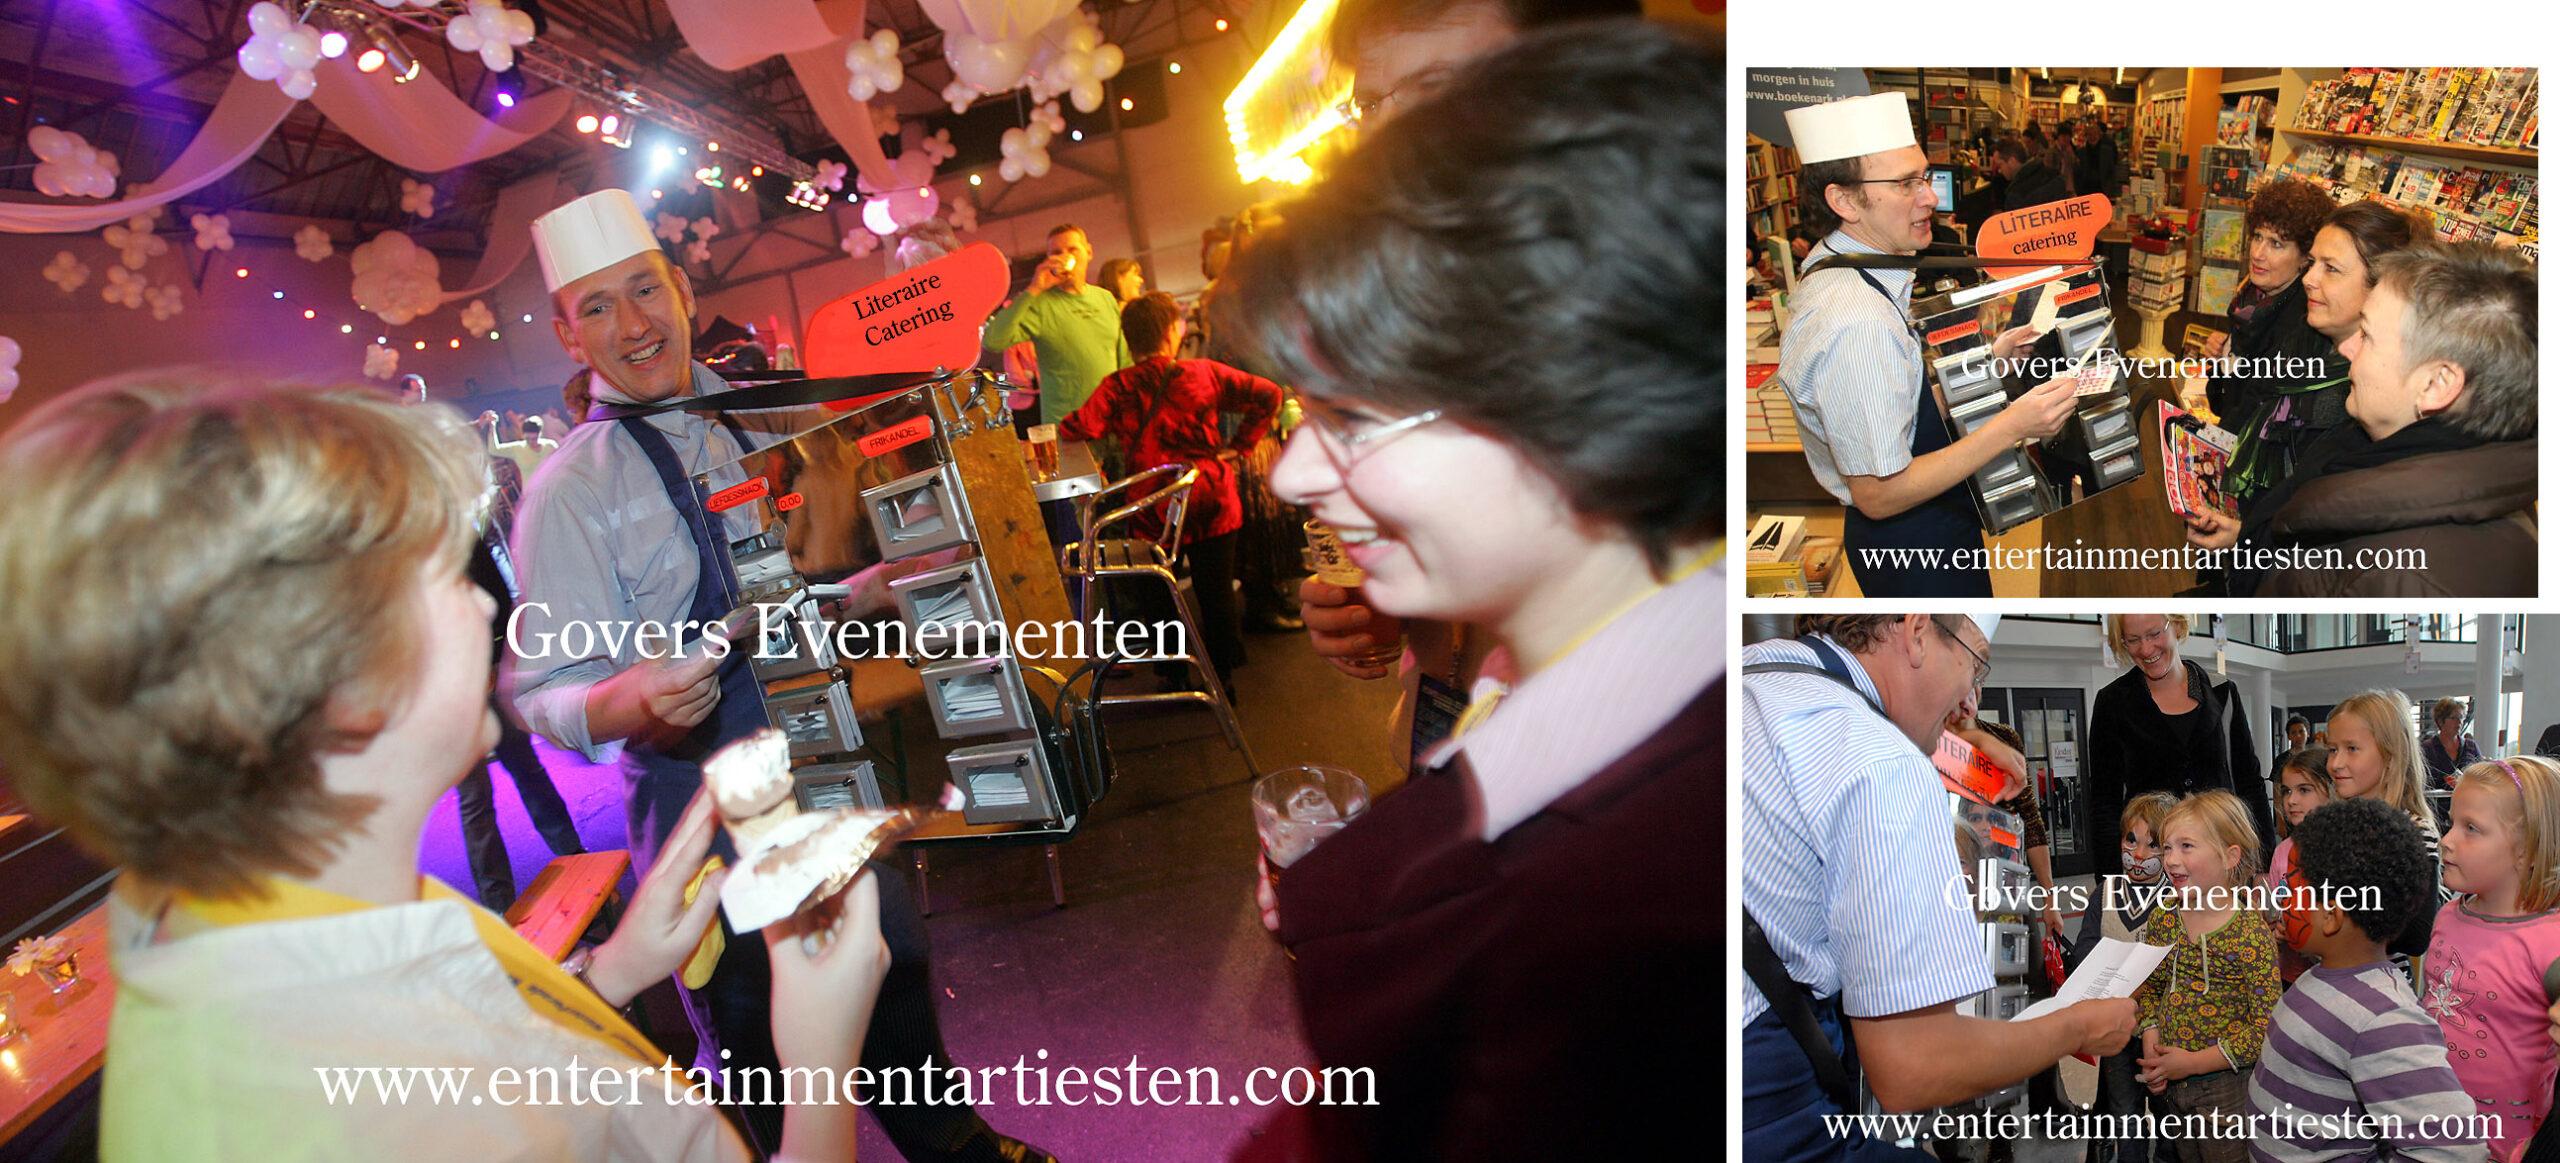 Catering literair, Een literair gedicht voorgedragen voor consument vanuit een mobiele snackbar, Categorie Straattheater - straatartiesten, Govers Evenementen, www.goversartiesten.nl